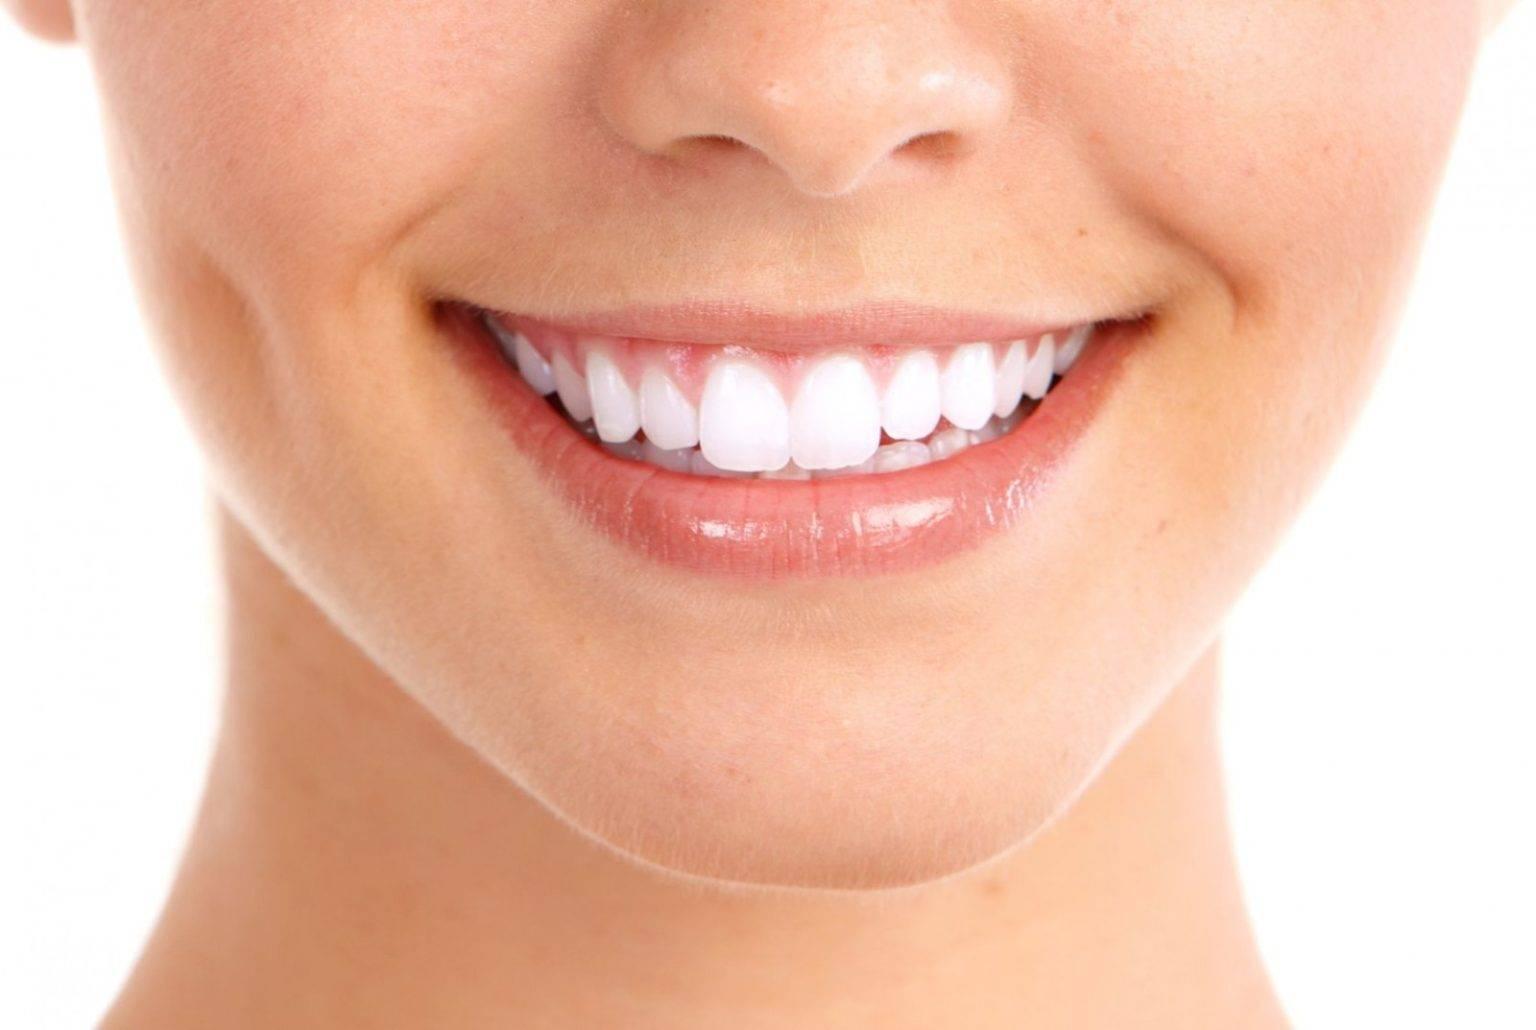 Вредна ли процедура отбеливания зубов для эмали?